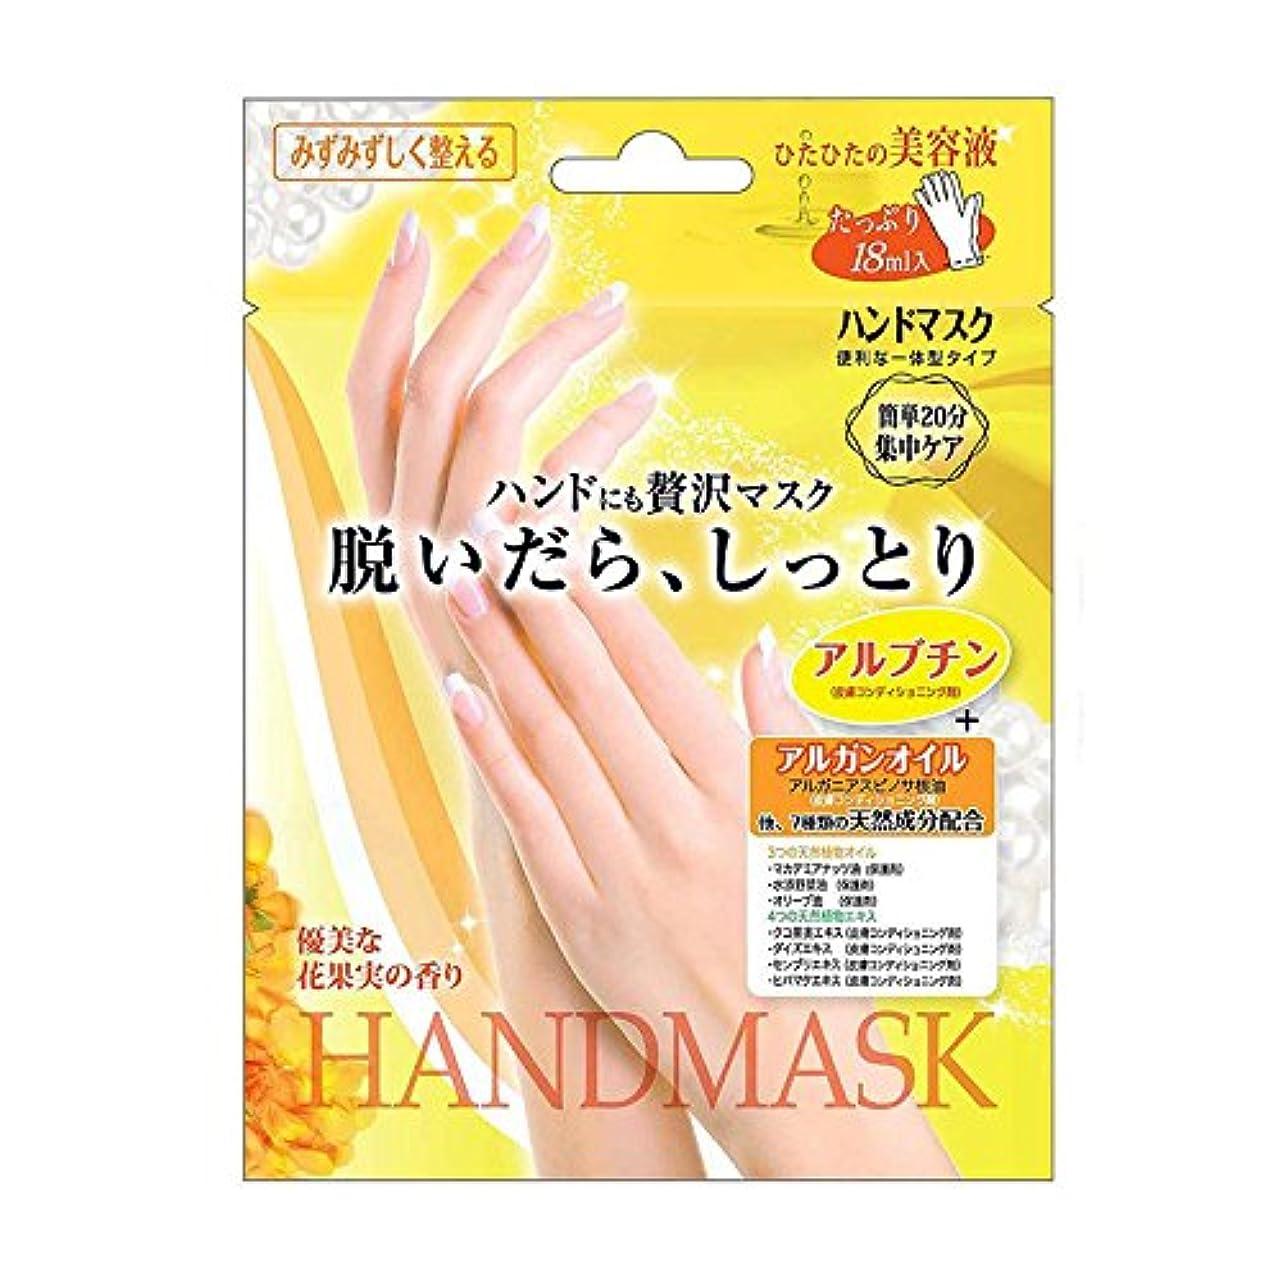 アマチュア鬼ごっこ故障ビューティーワールド ハンドにも贅沢マスク 脱いだら、しっとりハンドマスク 6個セット